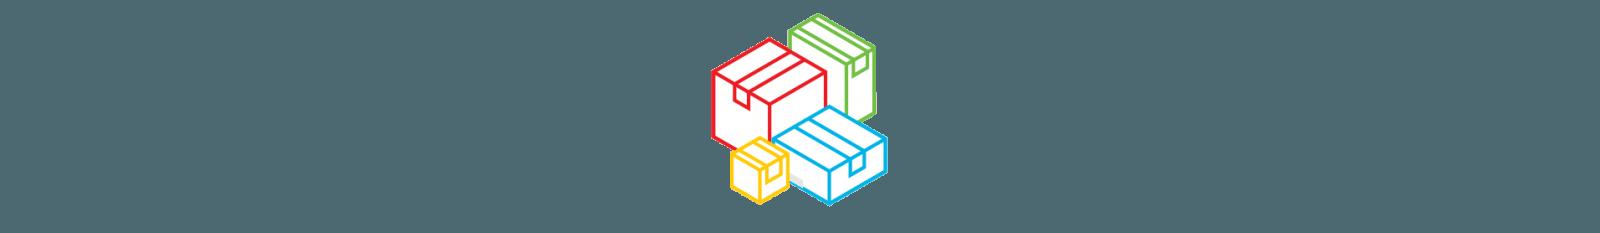 Классификационные решения таможенных органов. Как таможня классифицирует товары